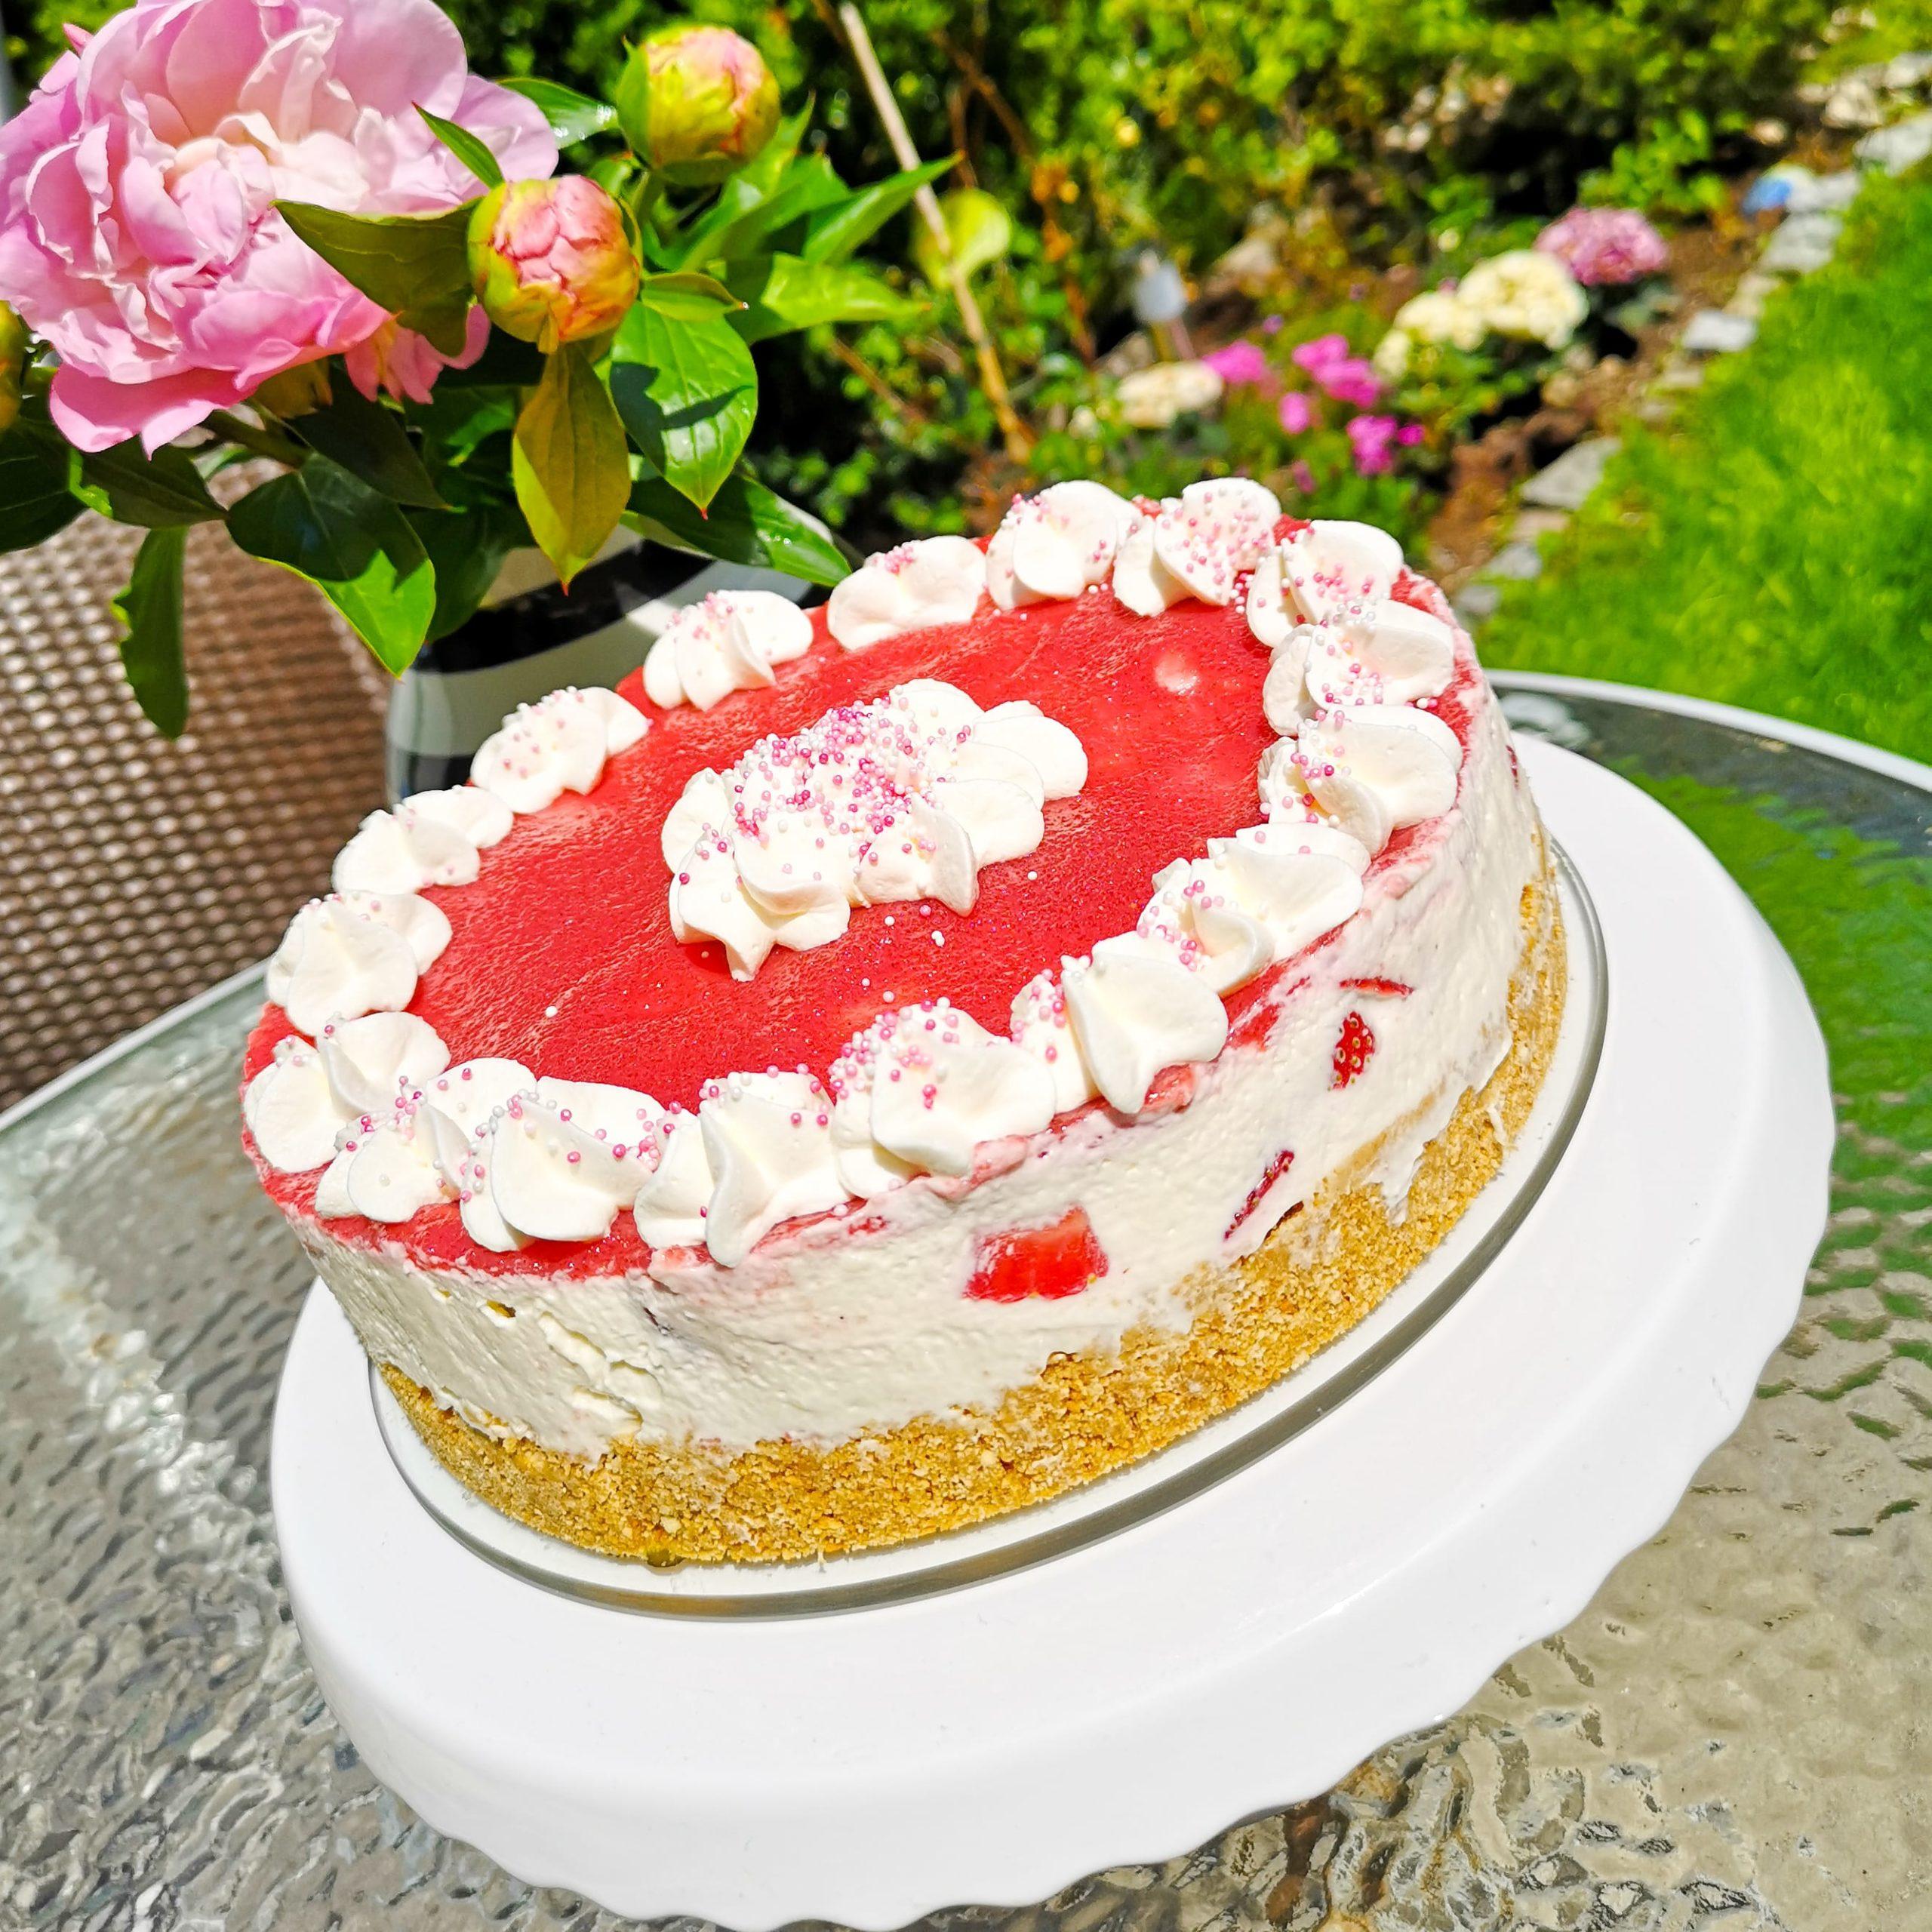 Schnellster No-Bake Erdbeer-Cheesecake